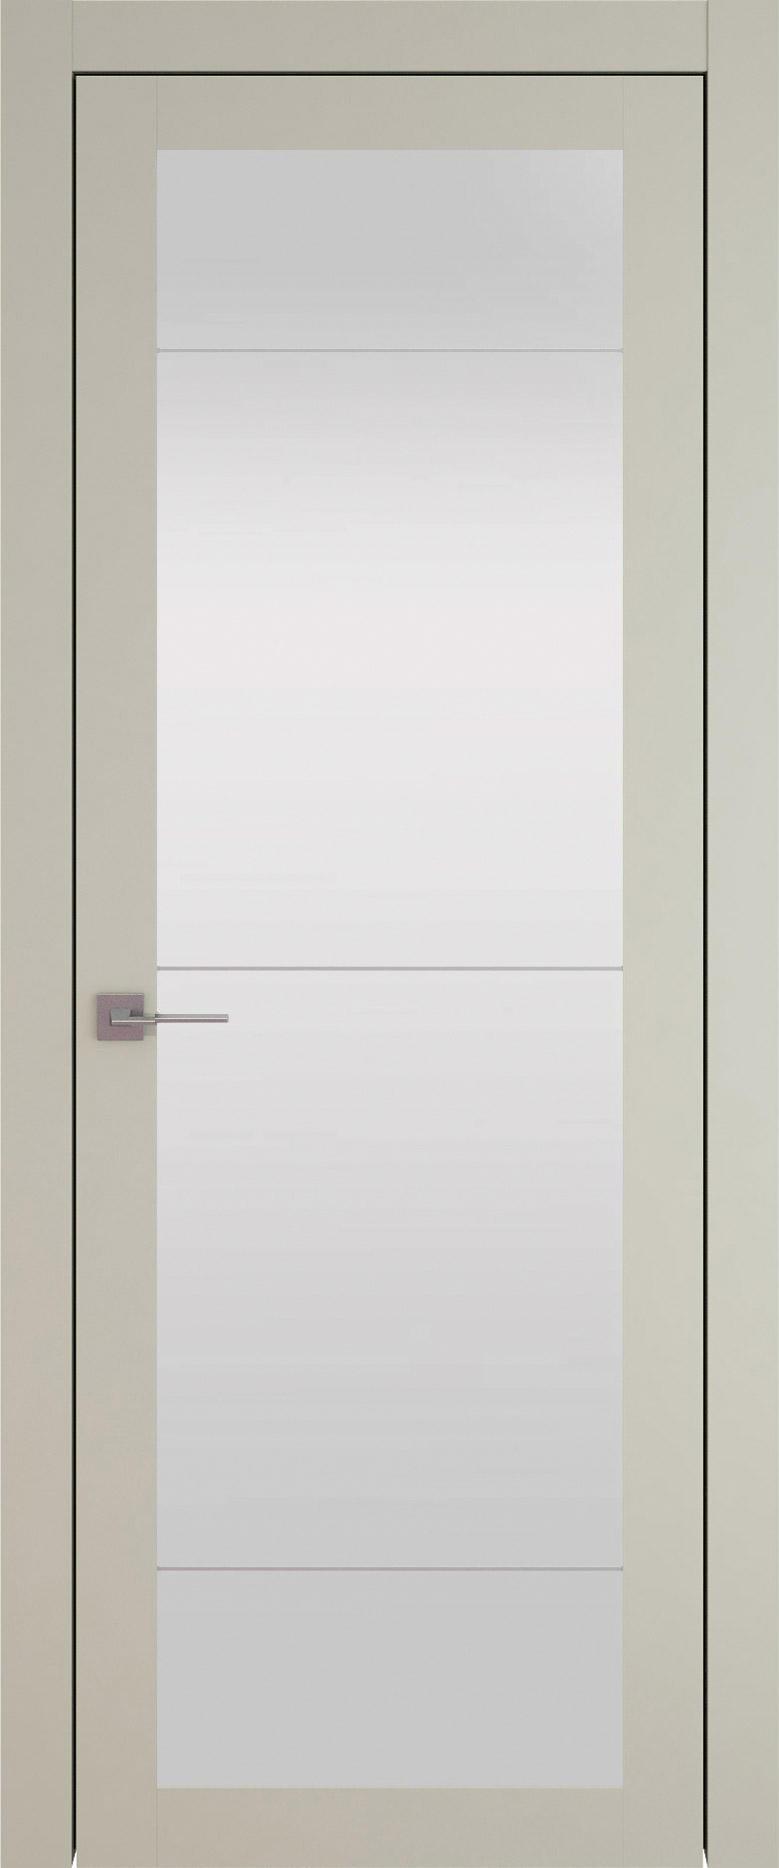 Tivoli З-3 цвет - Серо-оливковая эмаль (RAL 7032) Со стеклом (ДО)